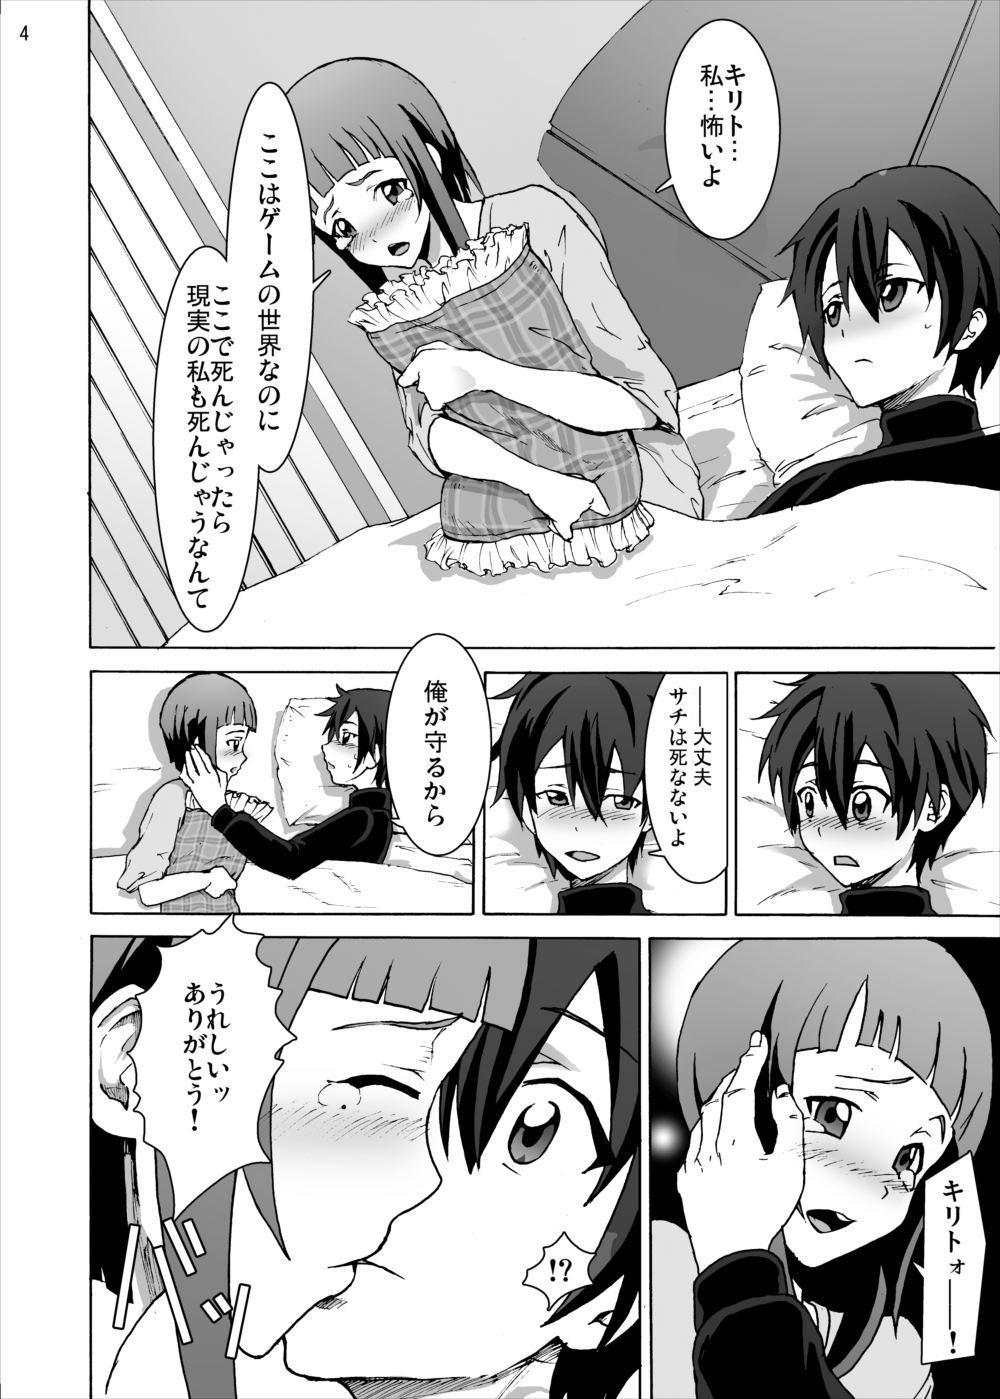 Rape sarete Korosareru no wa Iya da yo... Kowakute Fuan de, Naka ni Dashite Onegai Kirito 3